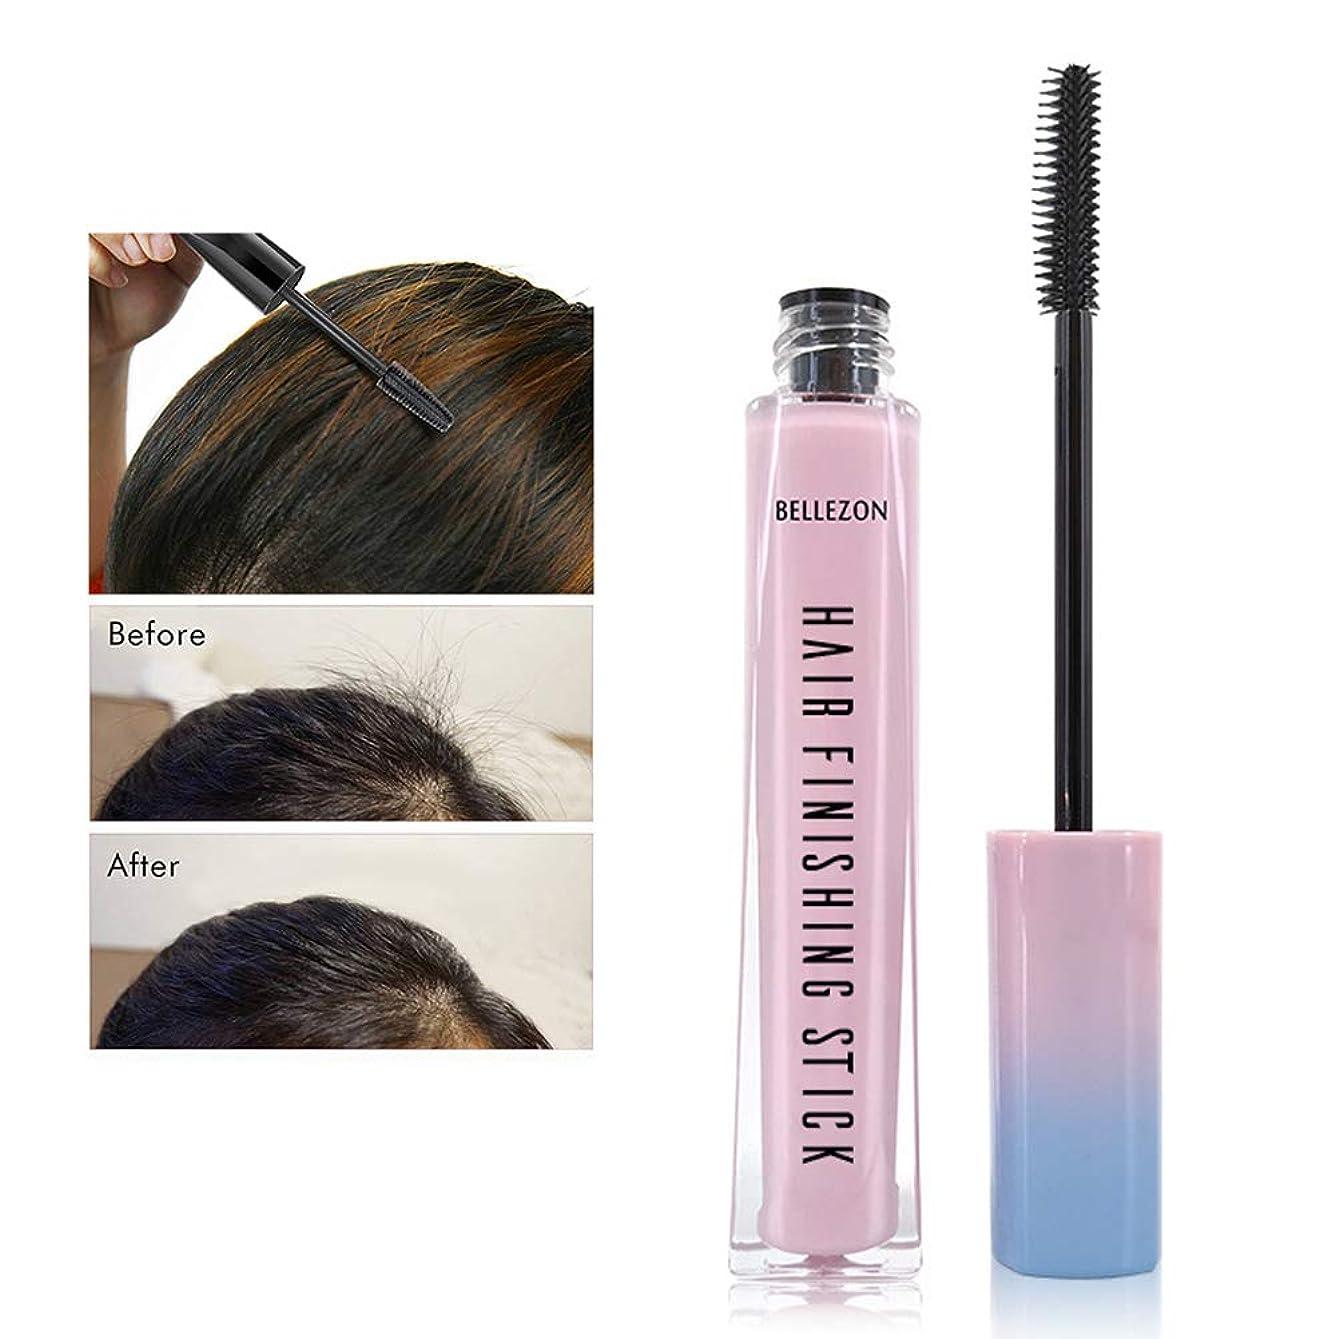 観点飼料膿瘍Ourine 美髪ワックス 散髪整理 髪固定 美髪 ヘアスタイル 定型 保湿 長持ち 携帯便利 軽量 使用の簡単さ 高い光沢 女性向け